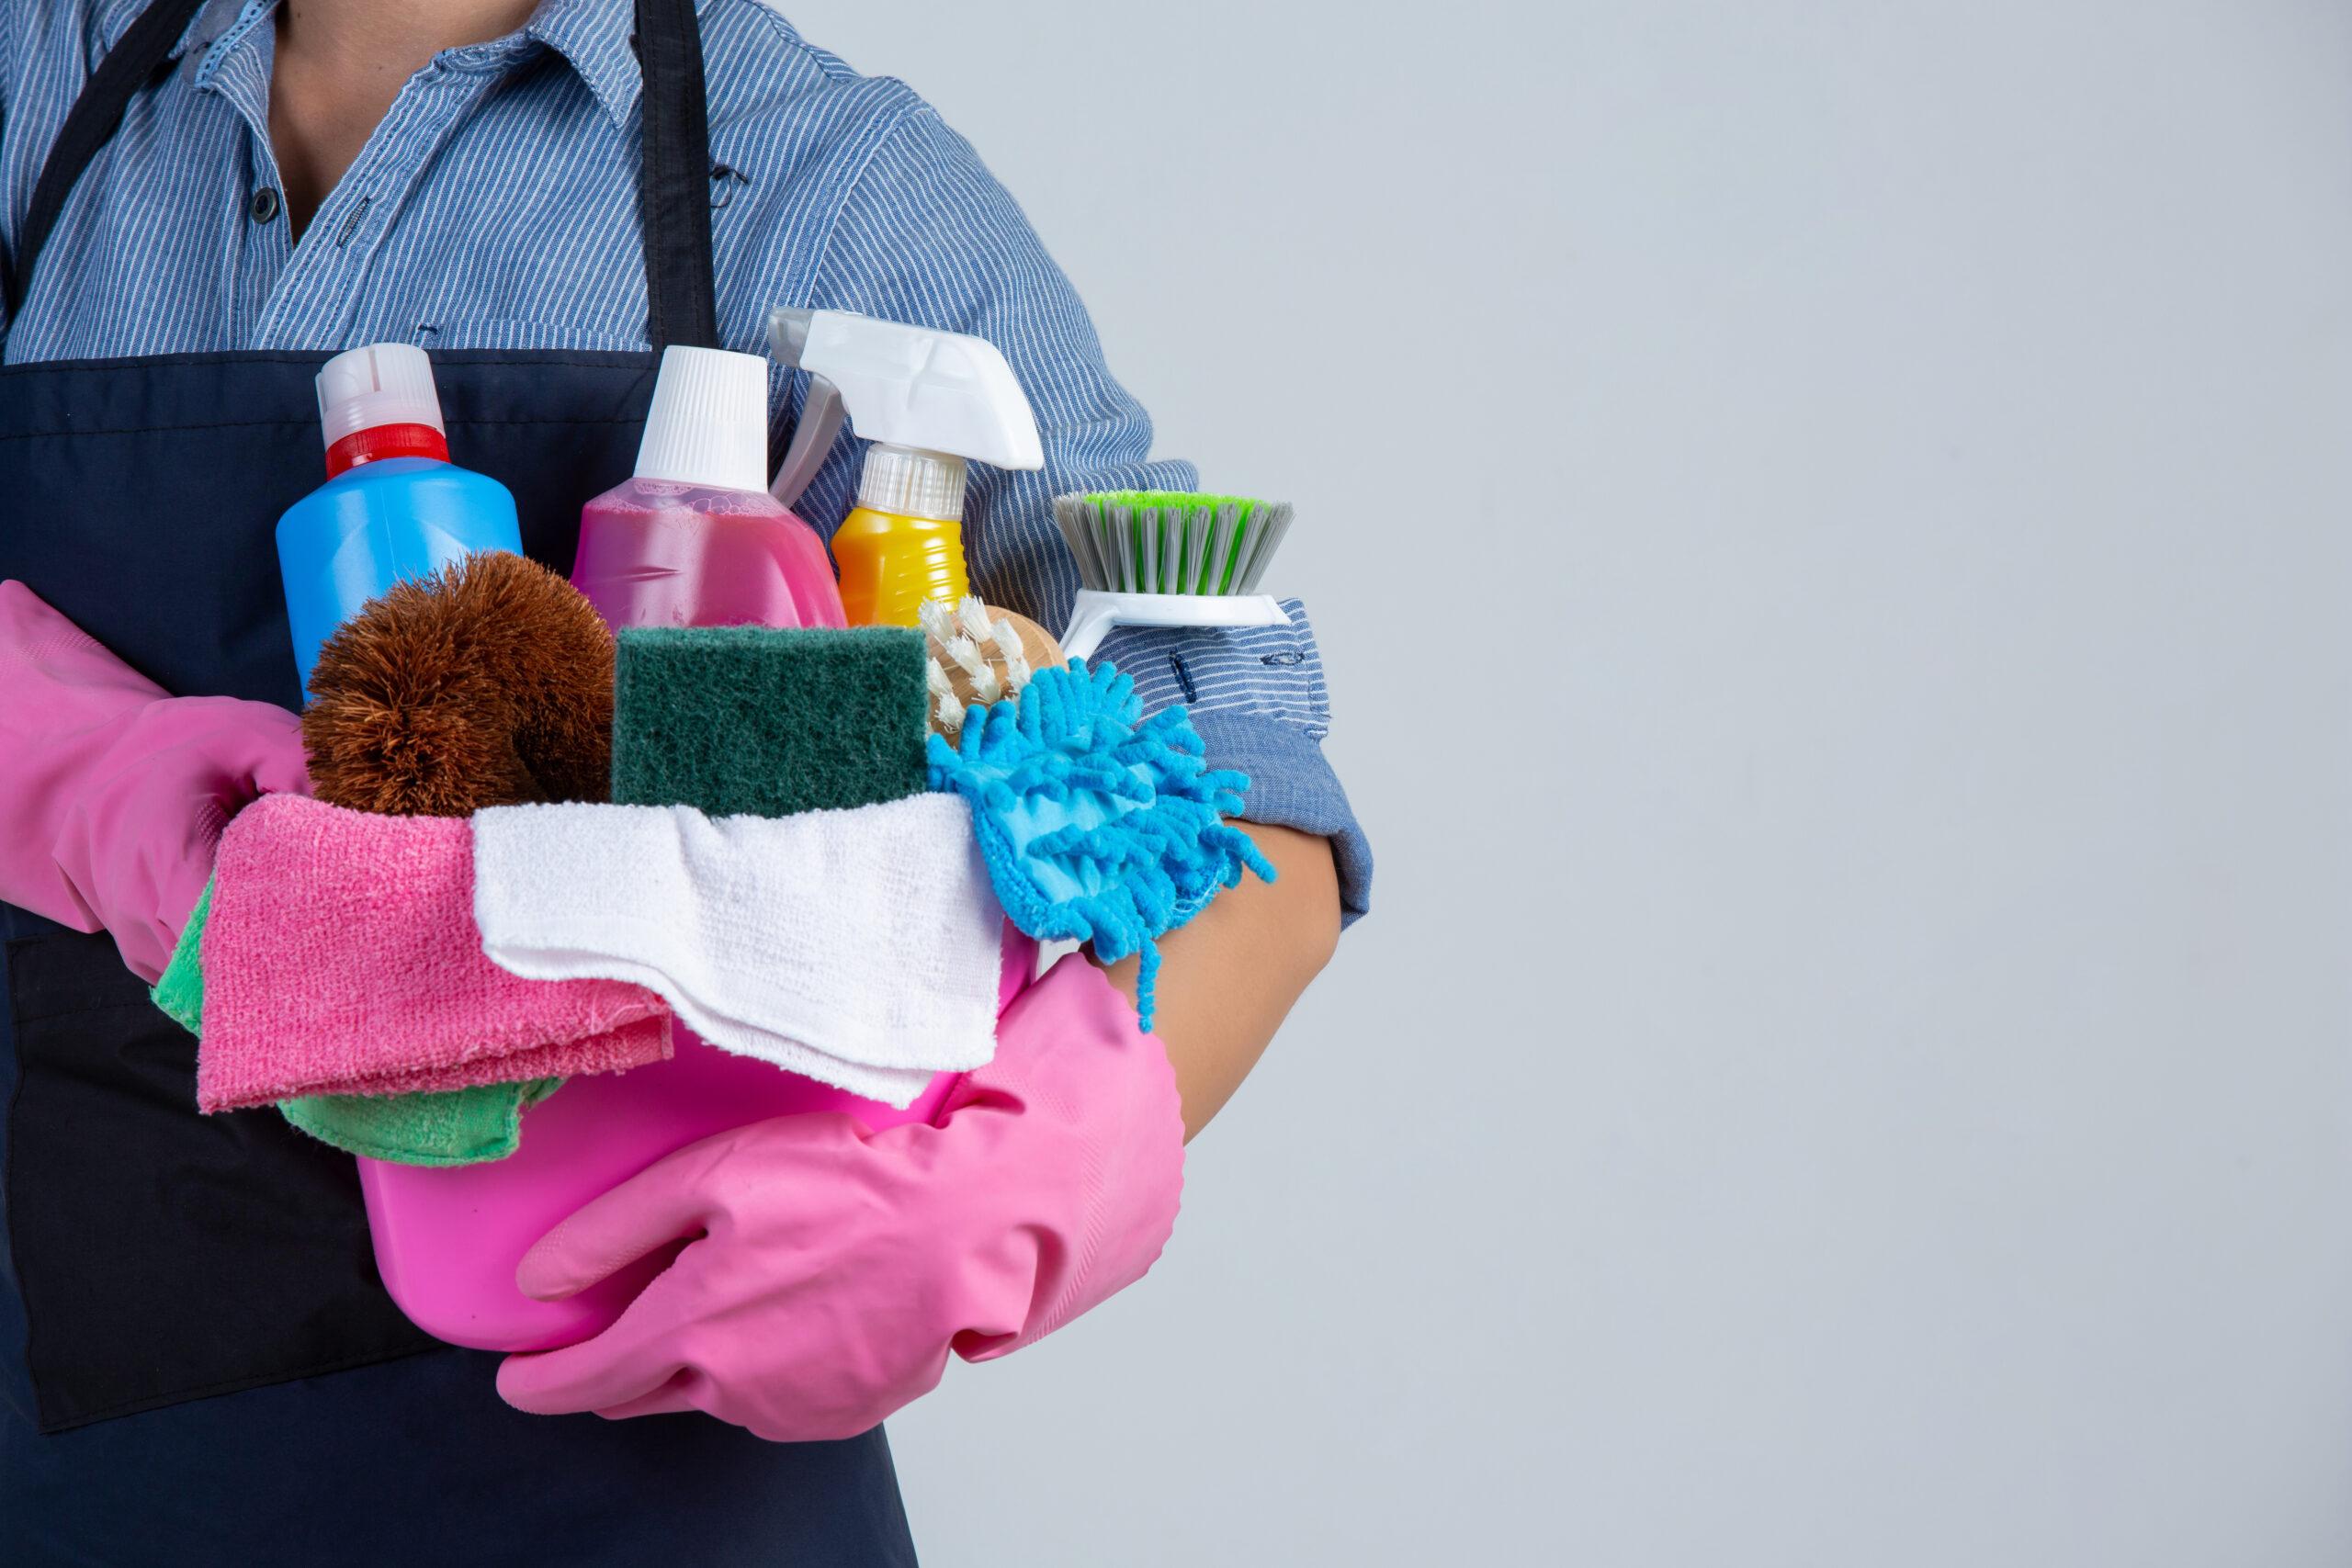 Vemos uma pessoa segurando um balde cheio de produtos de limpeza dentro (imagem ilustrativa). Texto: franquia de produtos de limpeza.